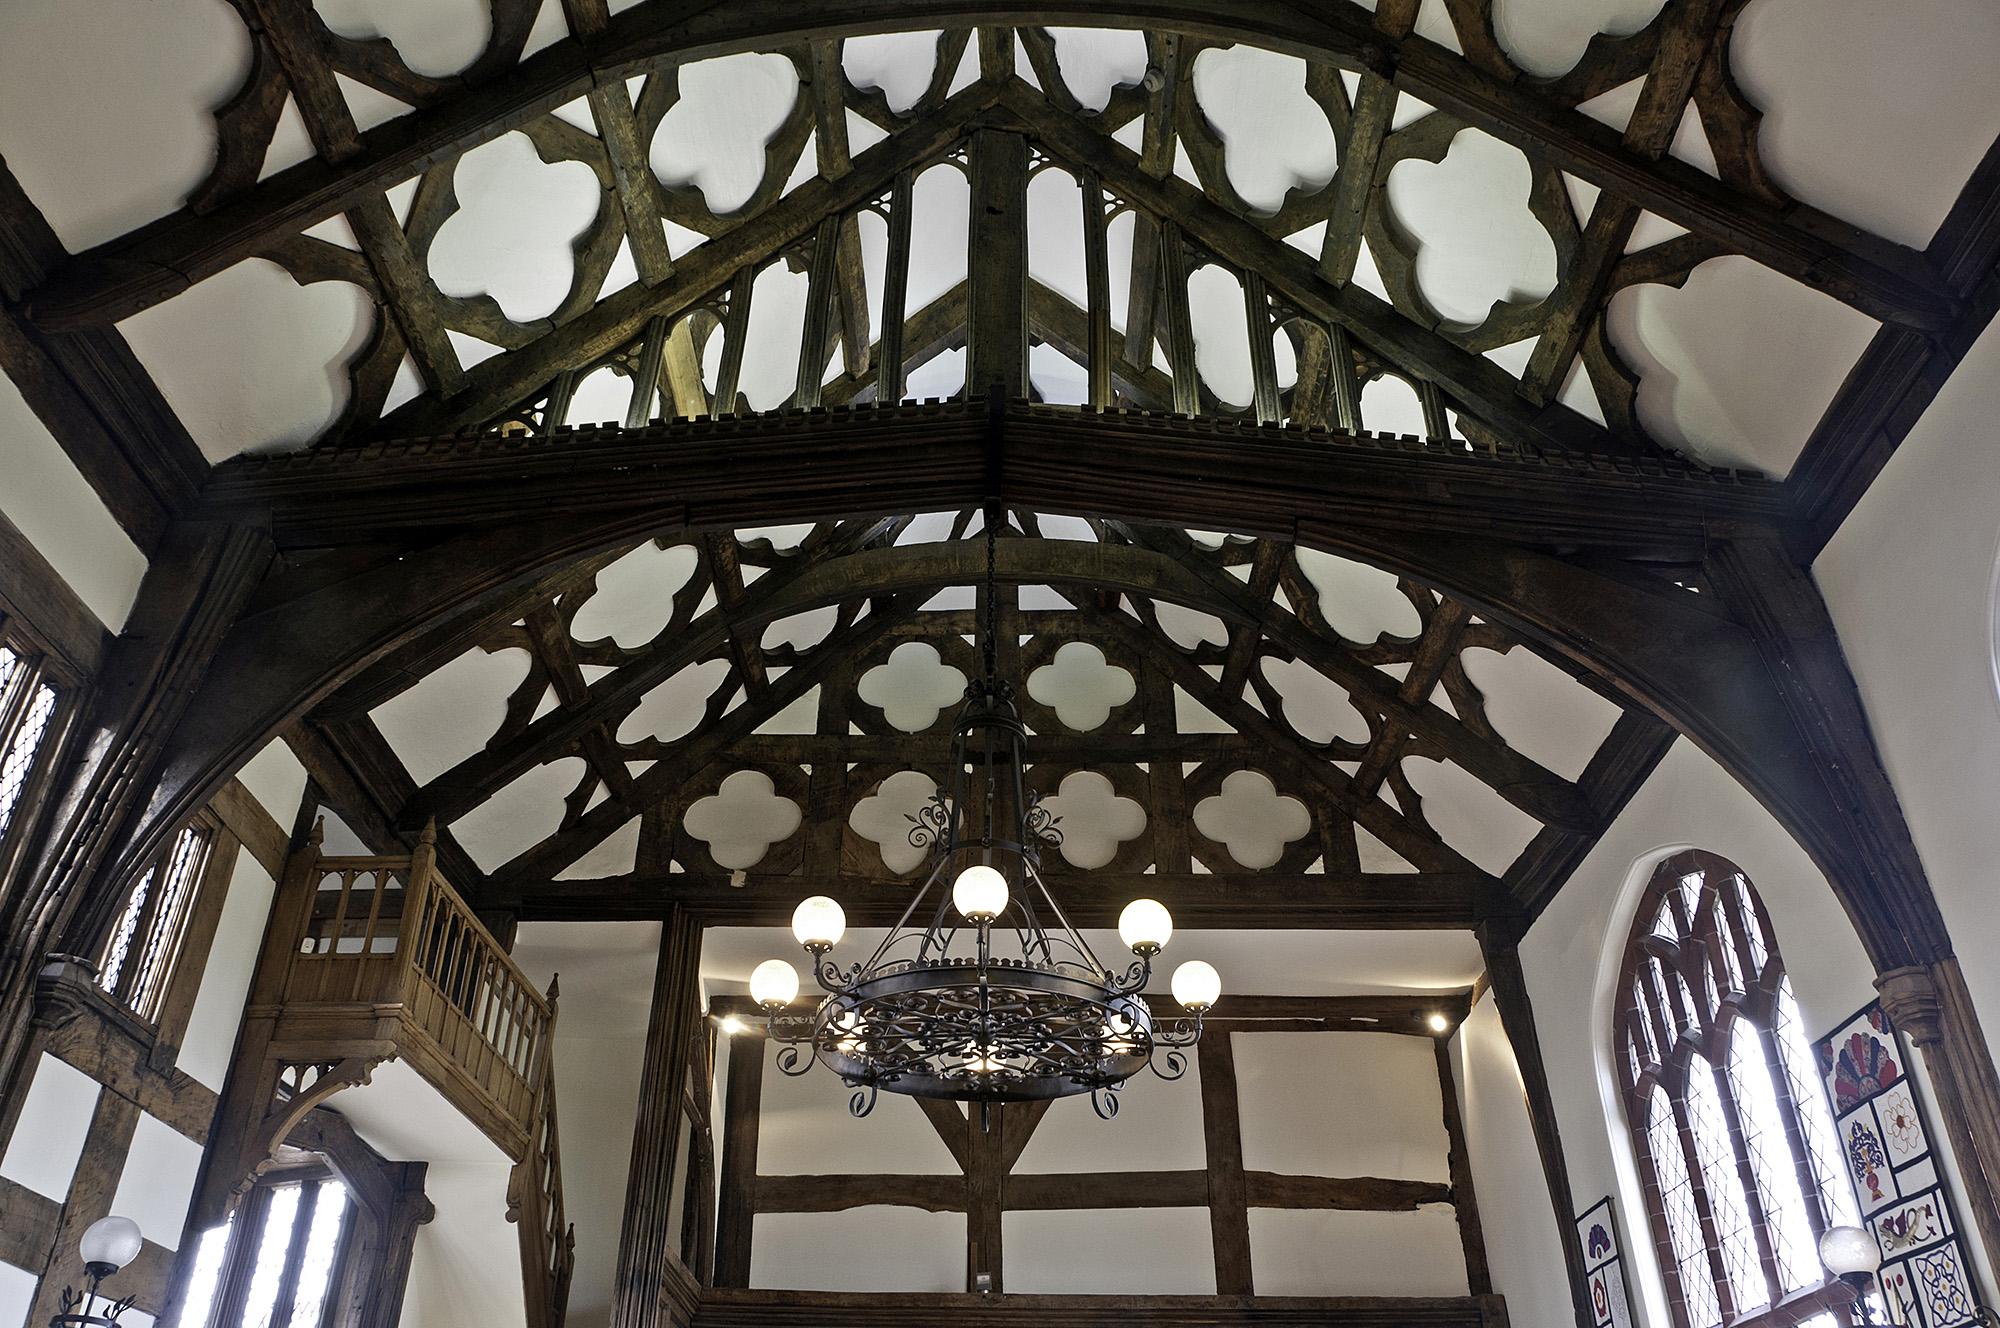 Ordsall Hall Interior